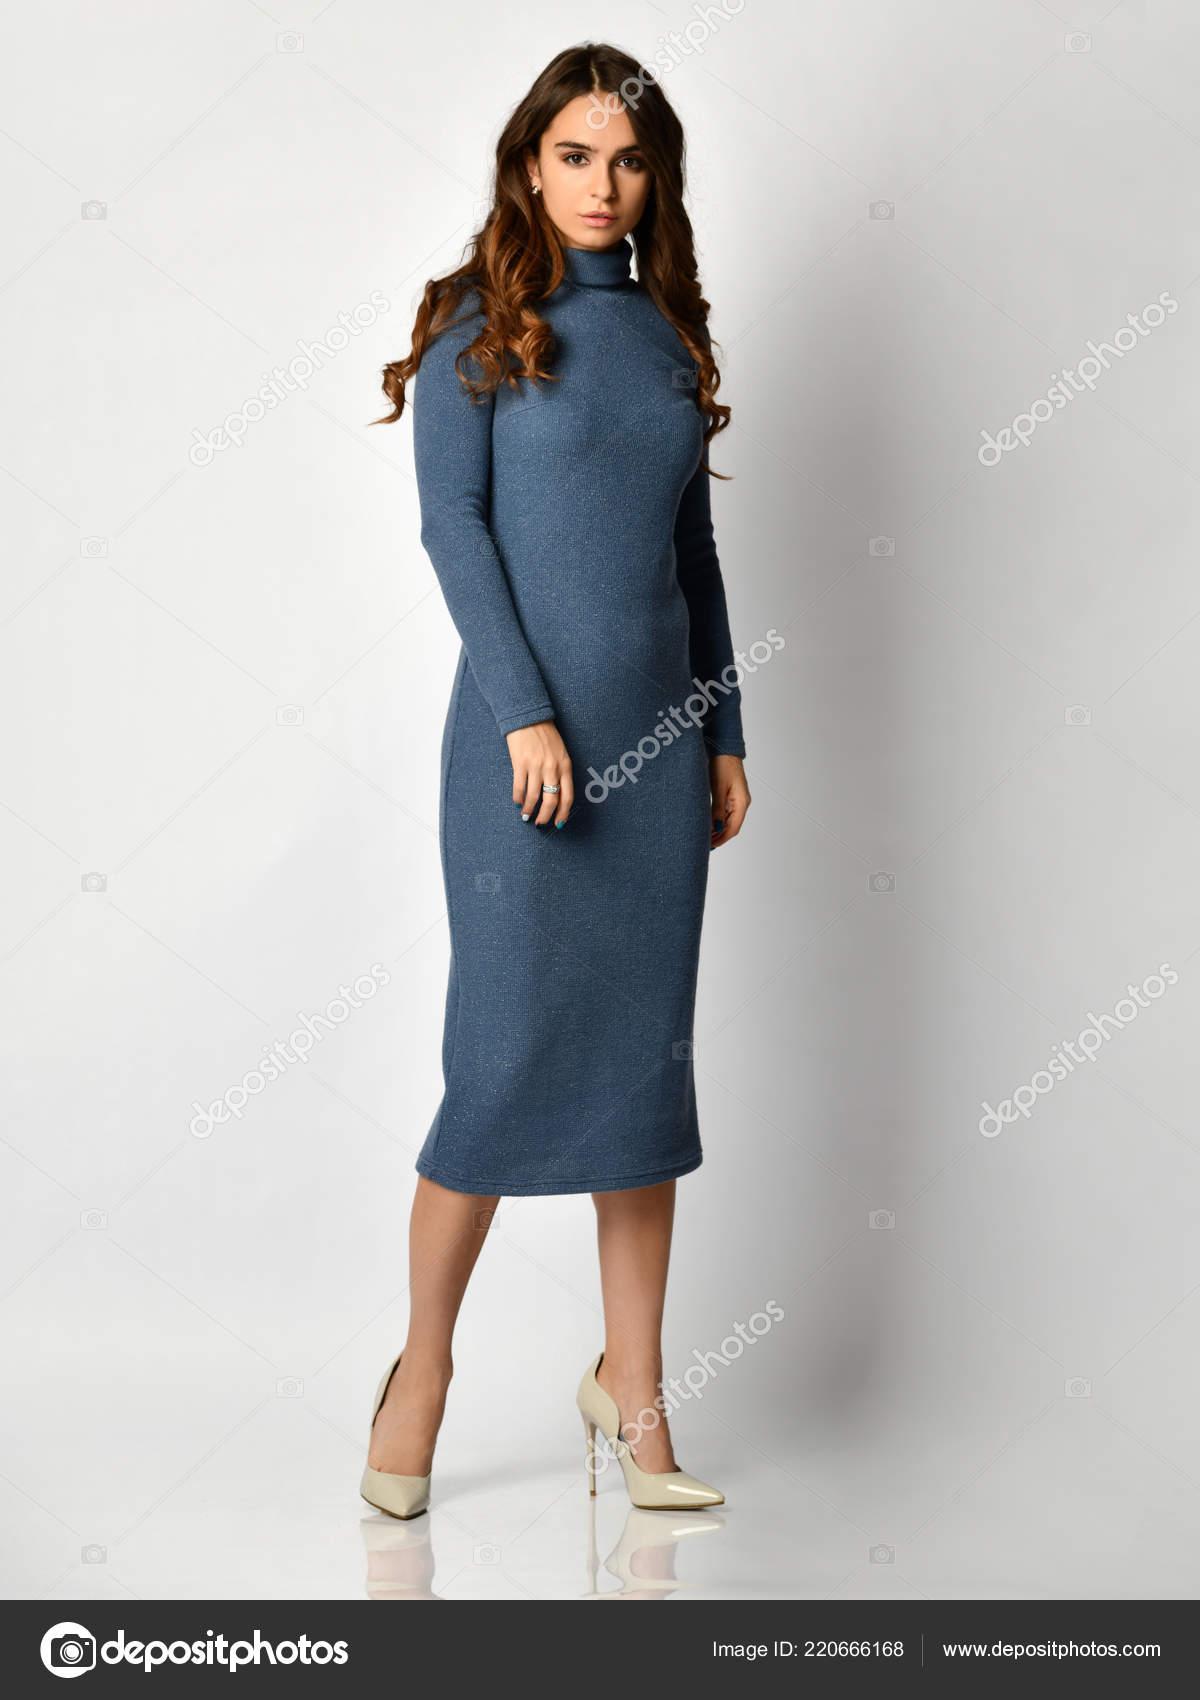 df825d7a61b3f5 Jonge mooie vrouw poseren in nieuwe donkere blauwe mode winter jurk op hoge  heuvels vol lichaam